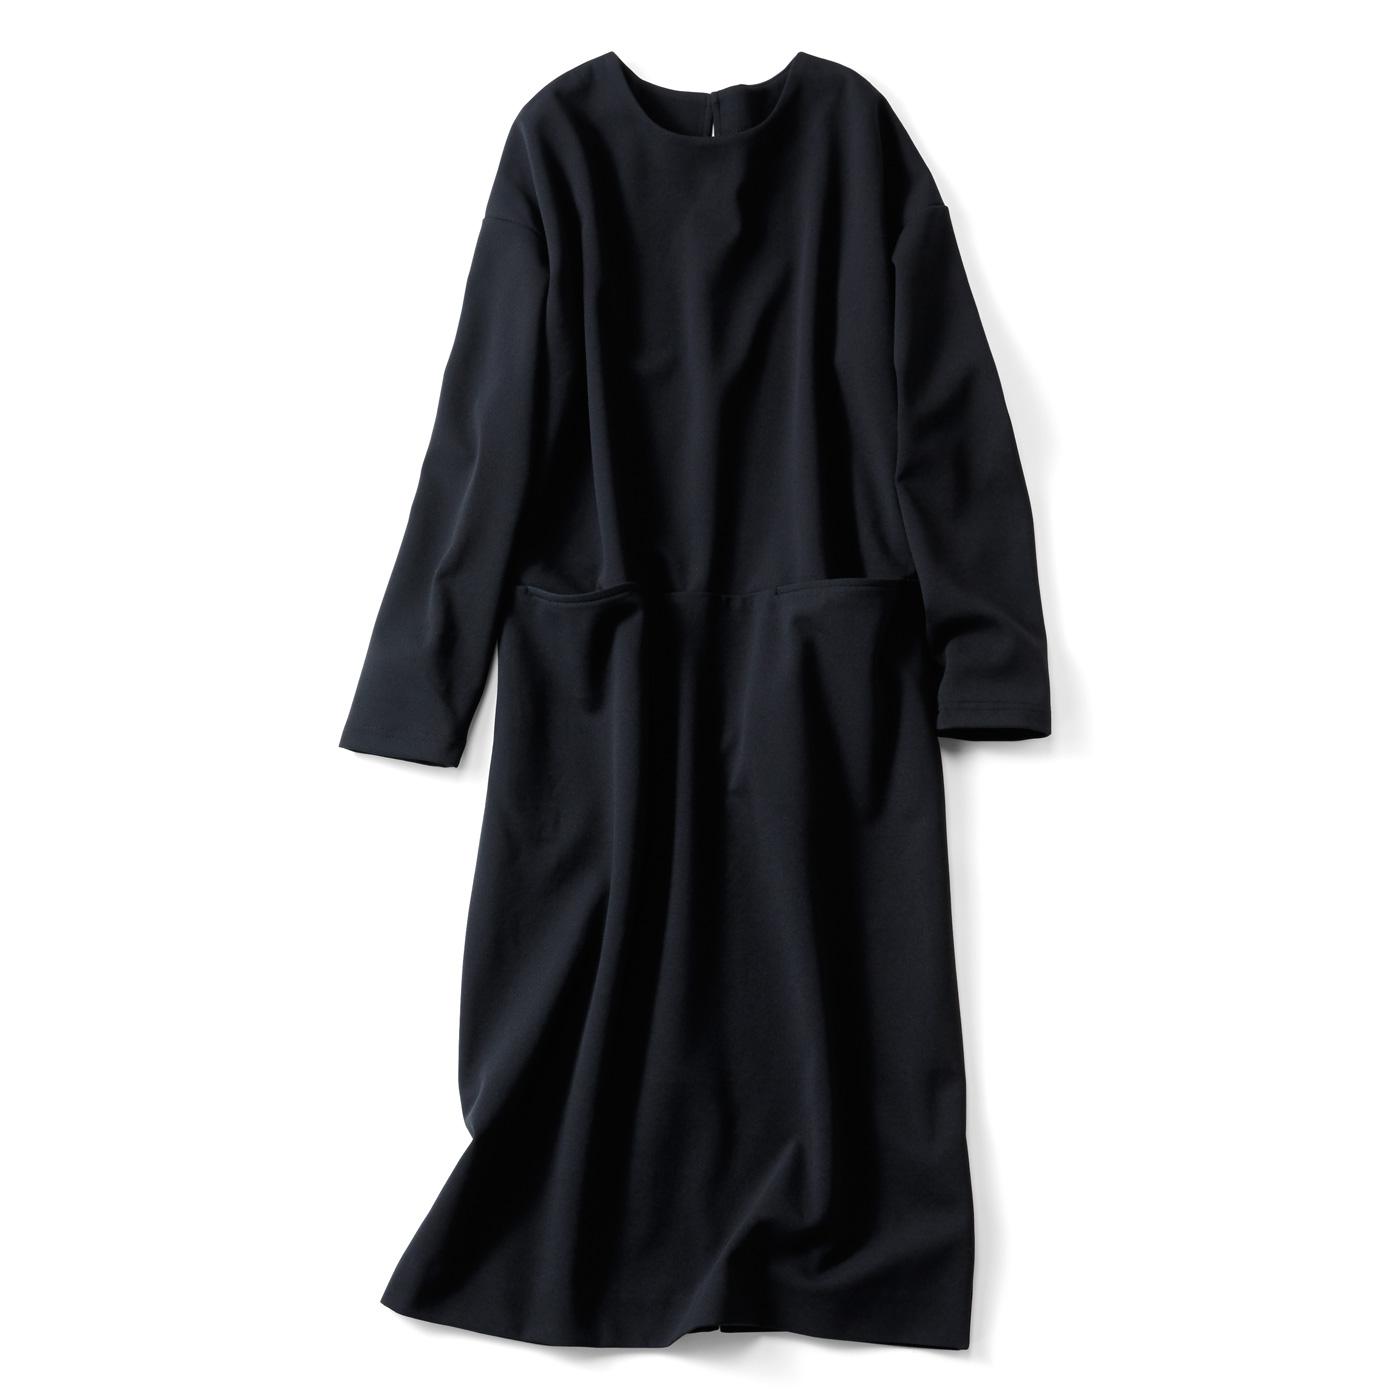 IEDIT[イディット] 裏起毛ジョーゼットカットソーで上品なのに暖かい Iラインブラックワンピース〈ブラック〉